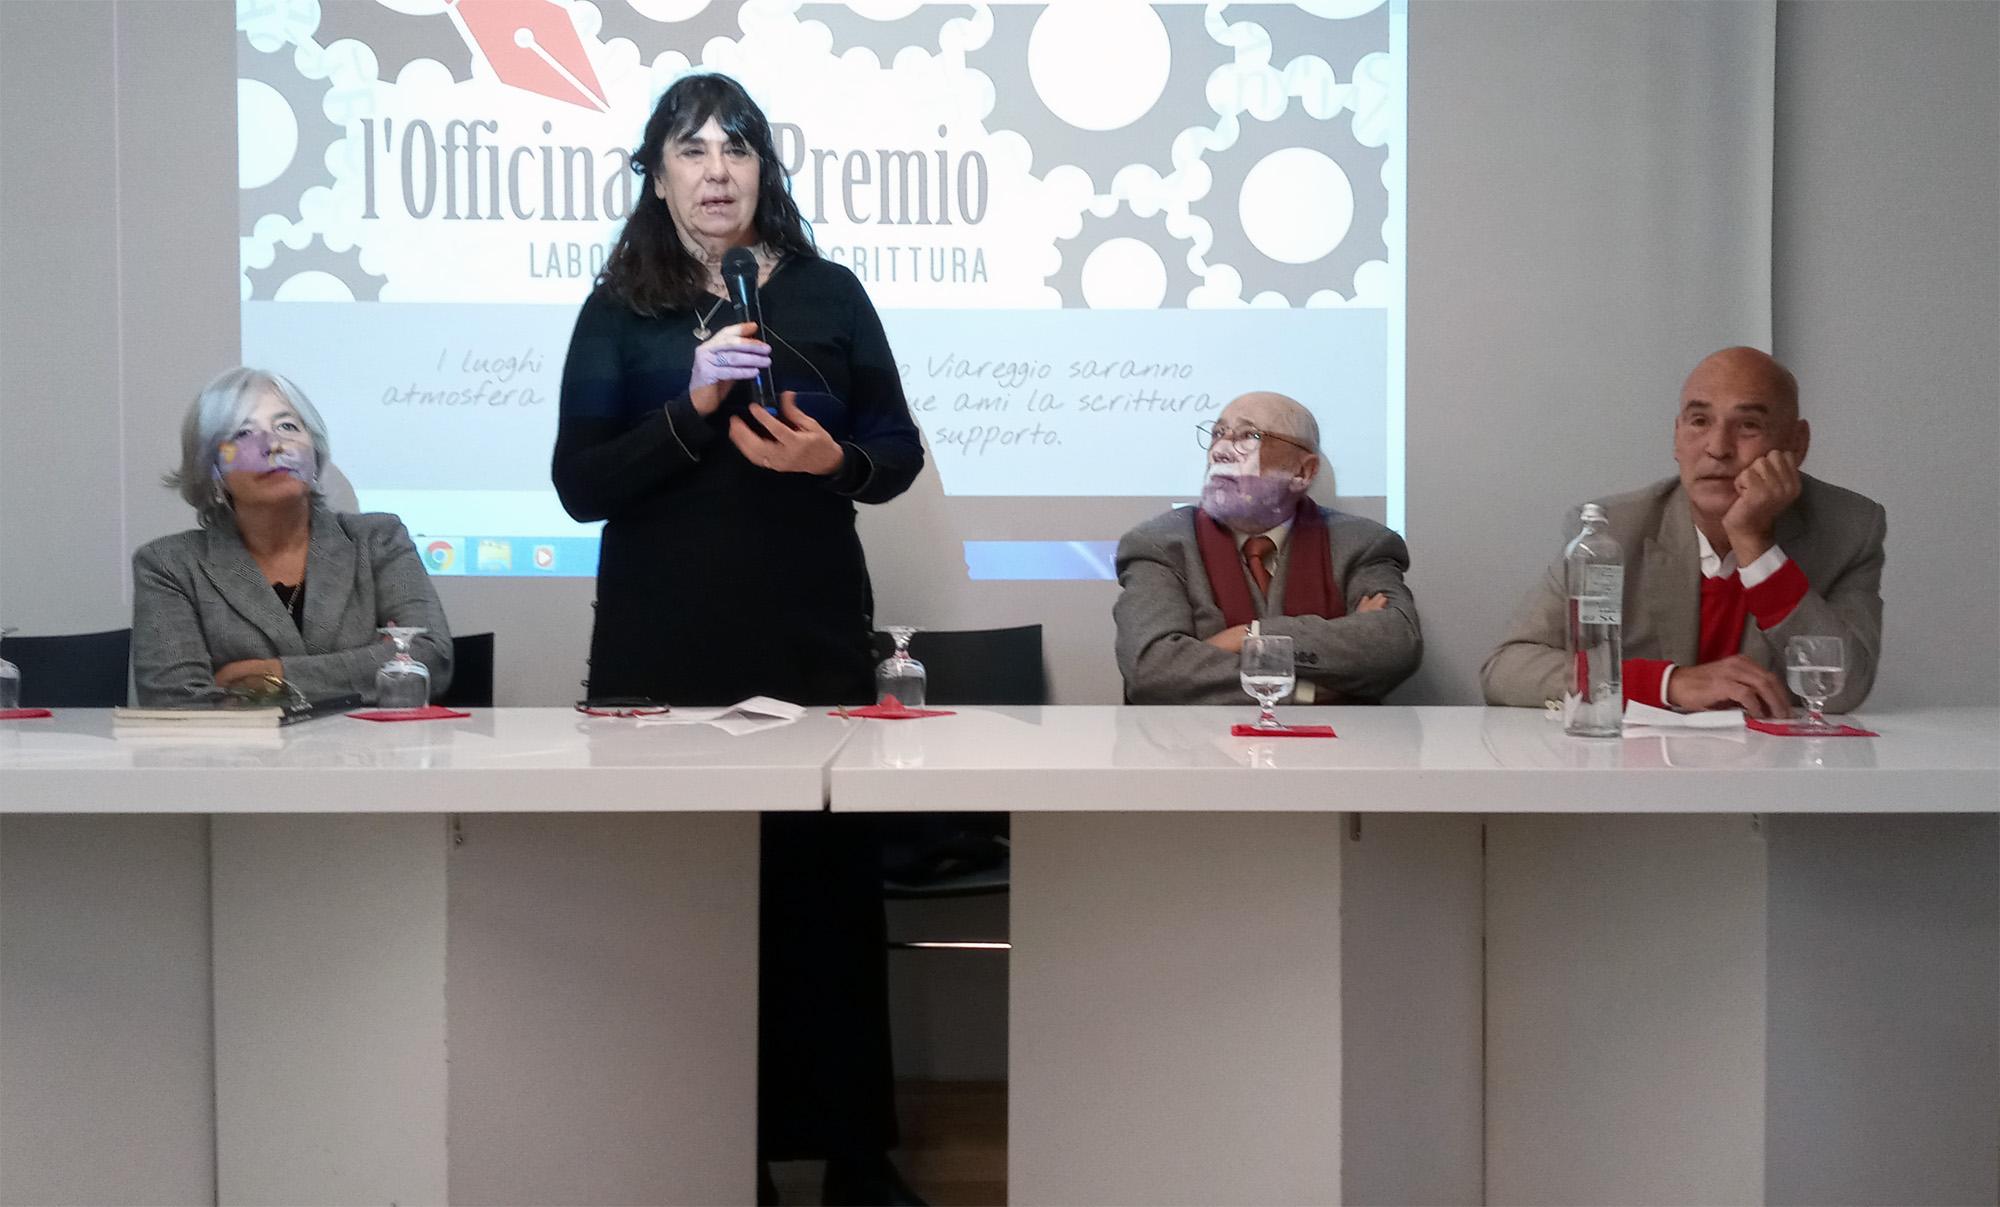 Presentata la scuola di scrittura Officina del Premio